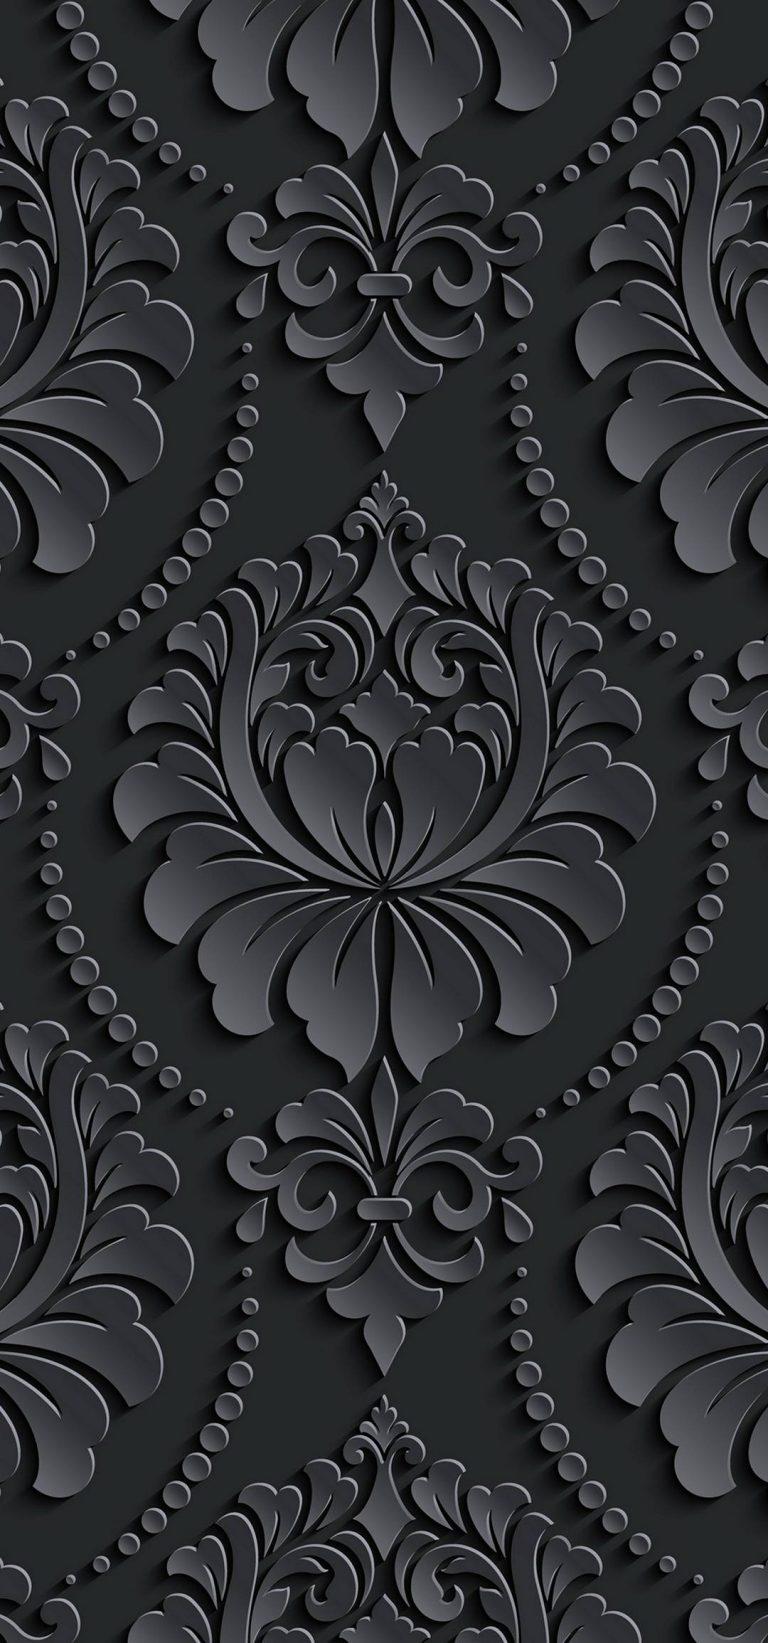 1080x2310 Wallpaper 054 768x1643